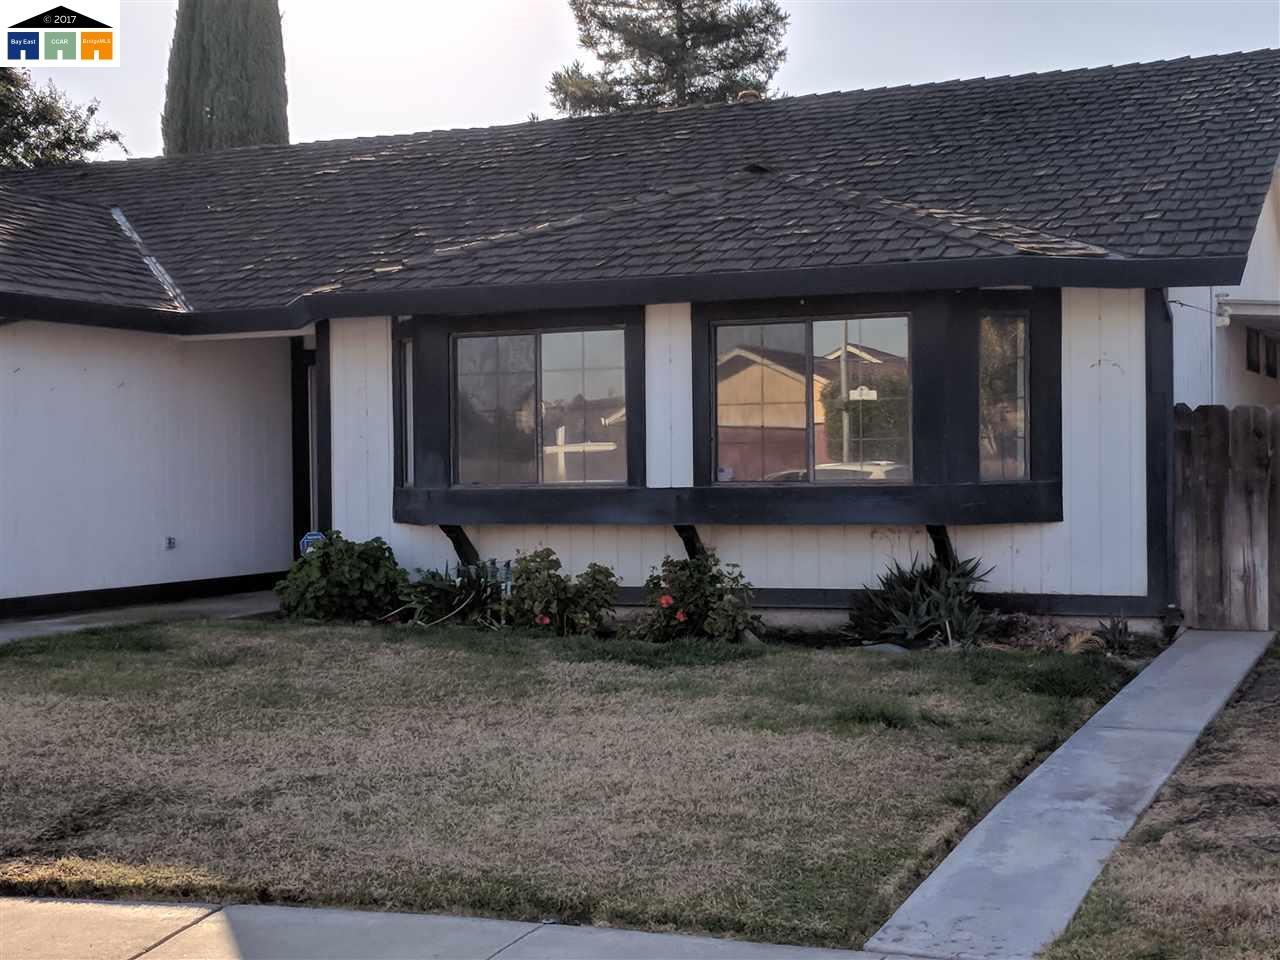 一戸建て のために 売買 アット 15455 Eagle Lane 15455 Eagle Lane Lathrop, カリフォルニア 95330 アメリカ合衆国